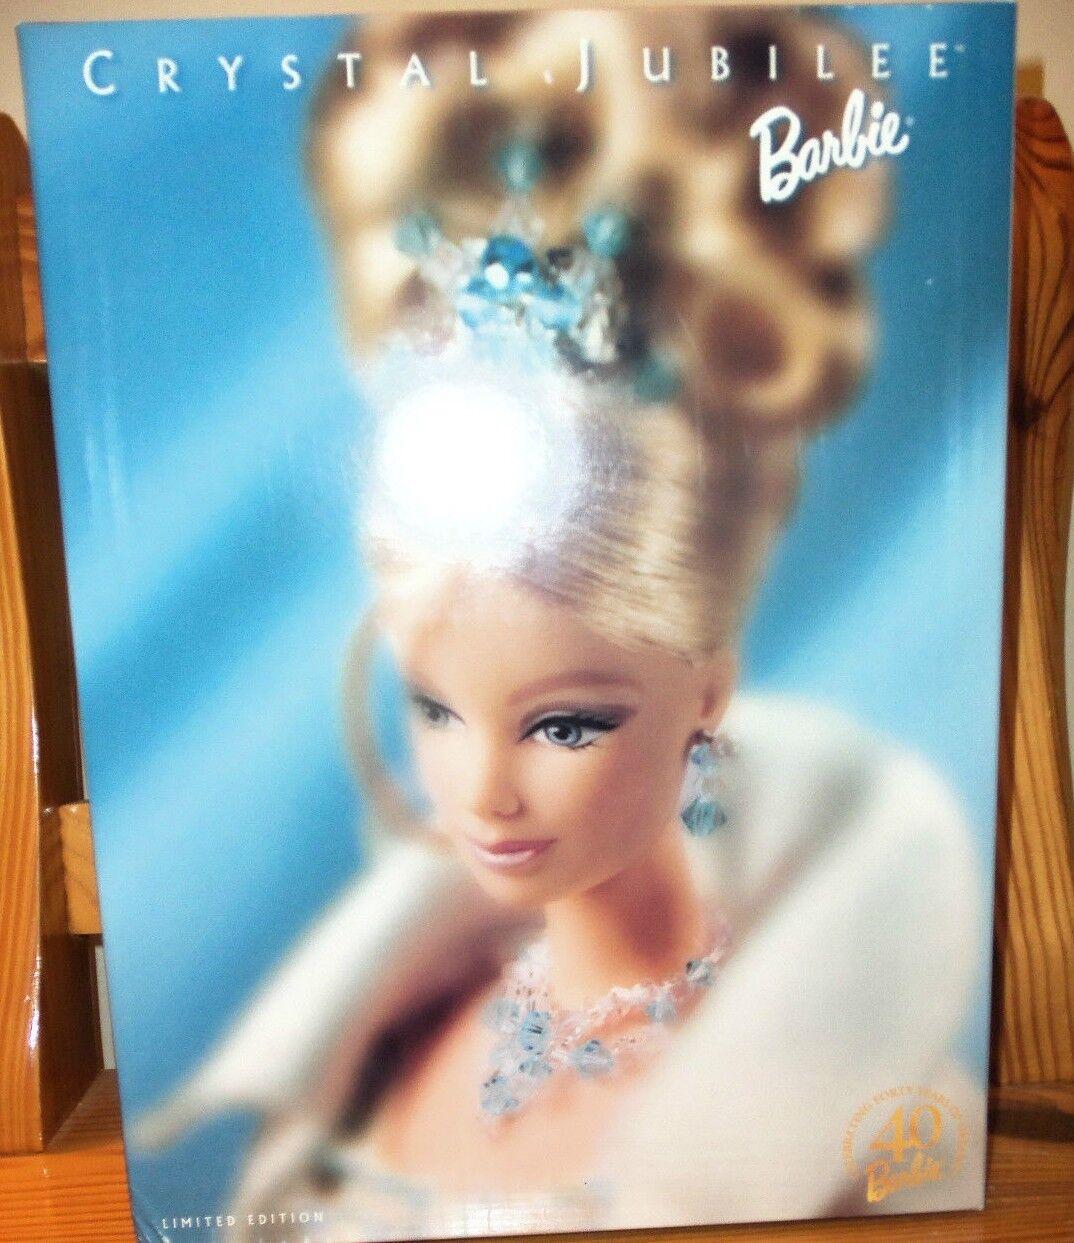 Barbie 40th Aniversario Muñeca Barbie Jubileo de cristal con Cargador 1999 nunca quitado de la Caja Nuevo